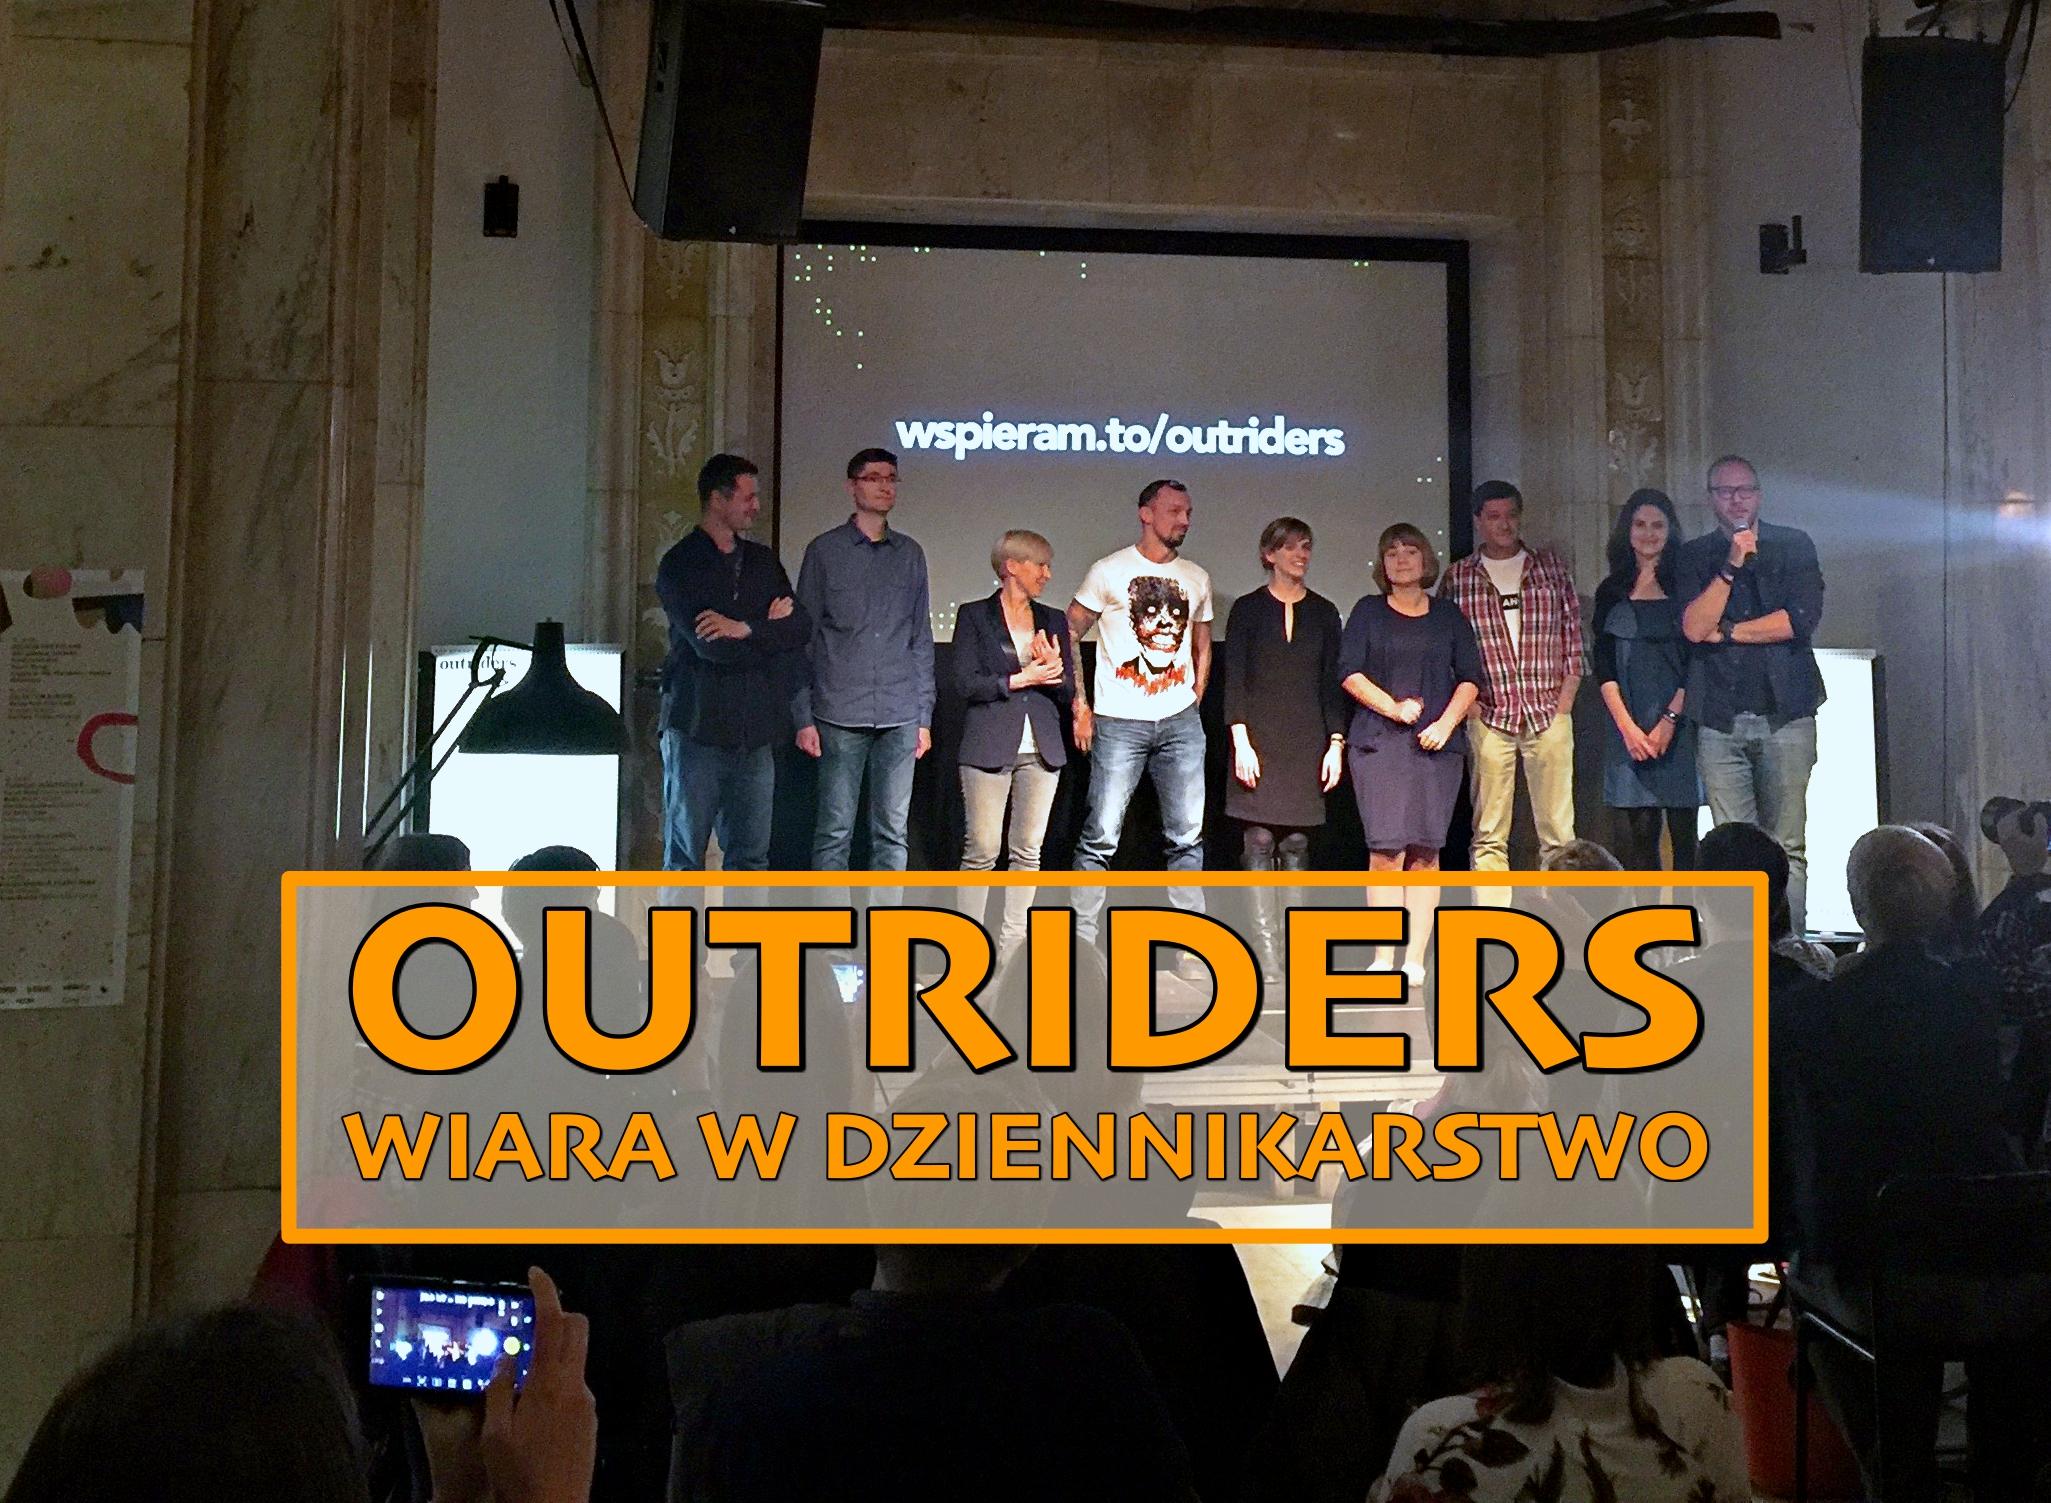 Przywrócić zaufanie do dziennikarstwa – Outriders idą coraz szerzej